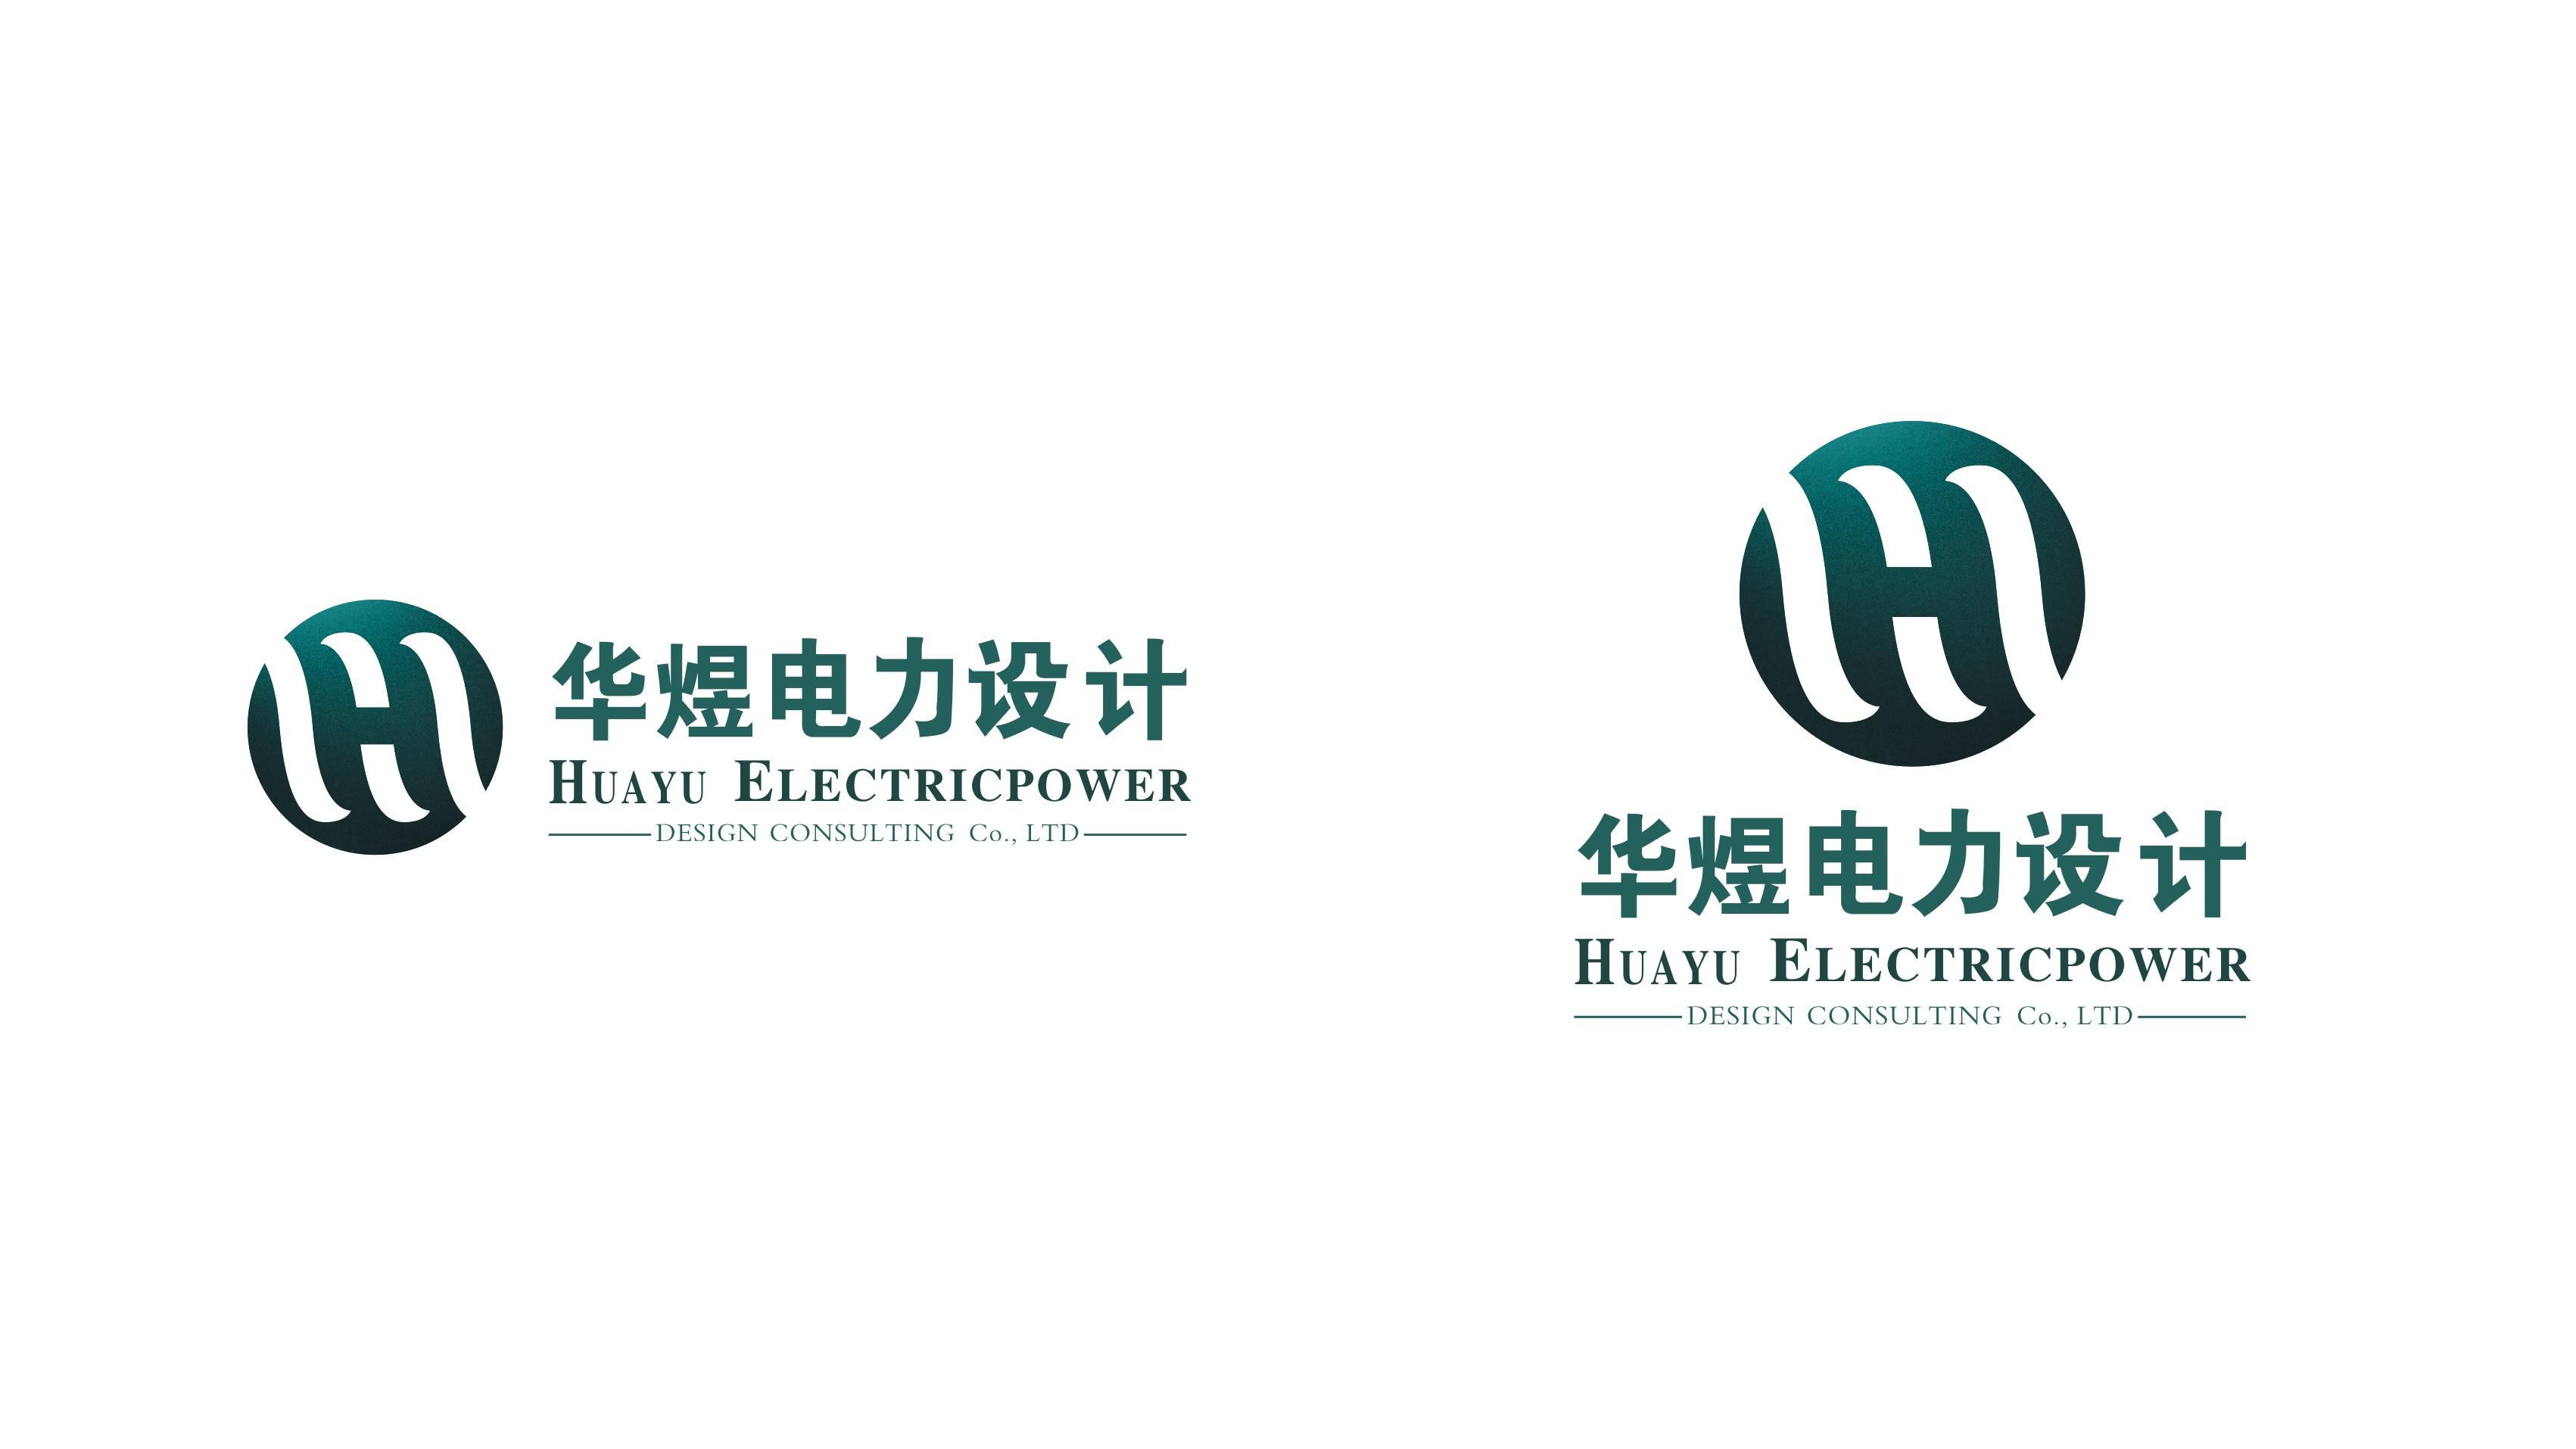 四川華煜電力設計咨詢有限公司